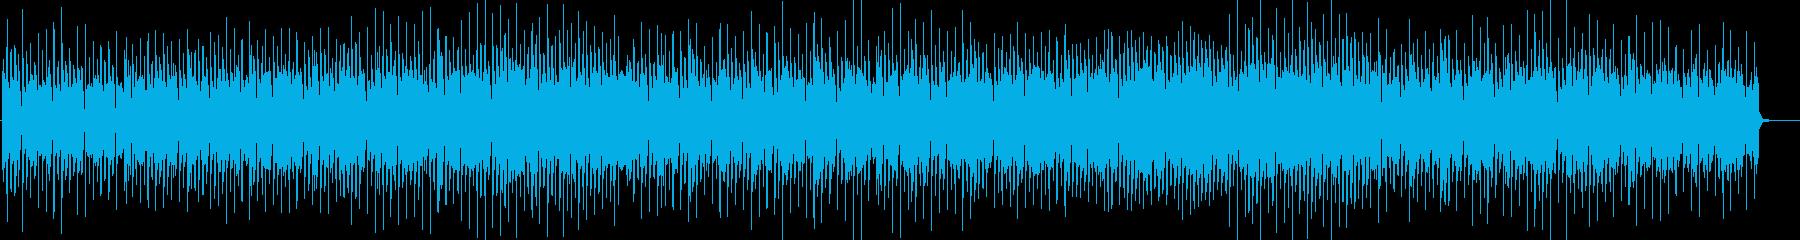 哀愁アコーディオンハウス ハロウィン夜の再生済みの波形